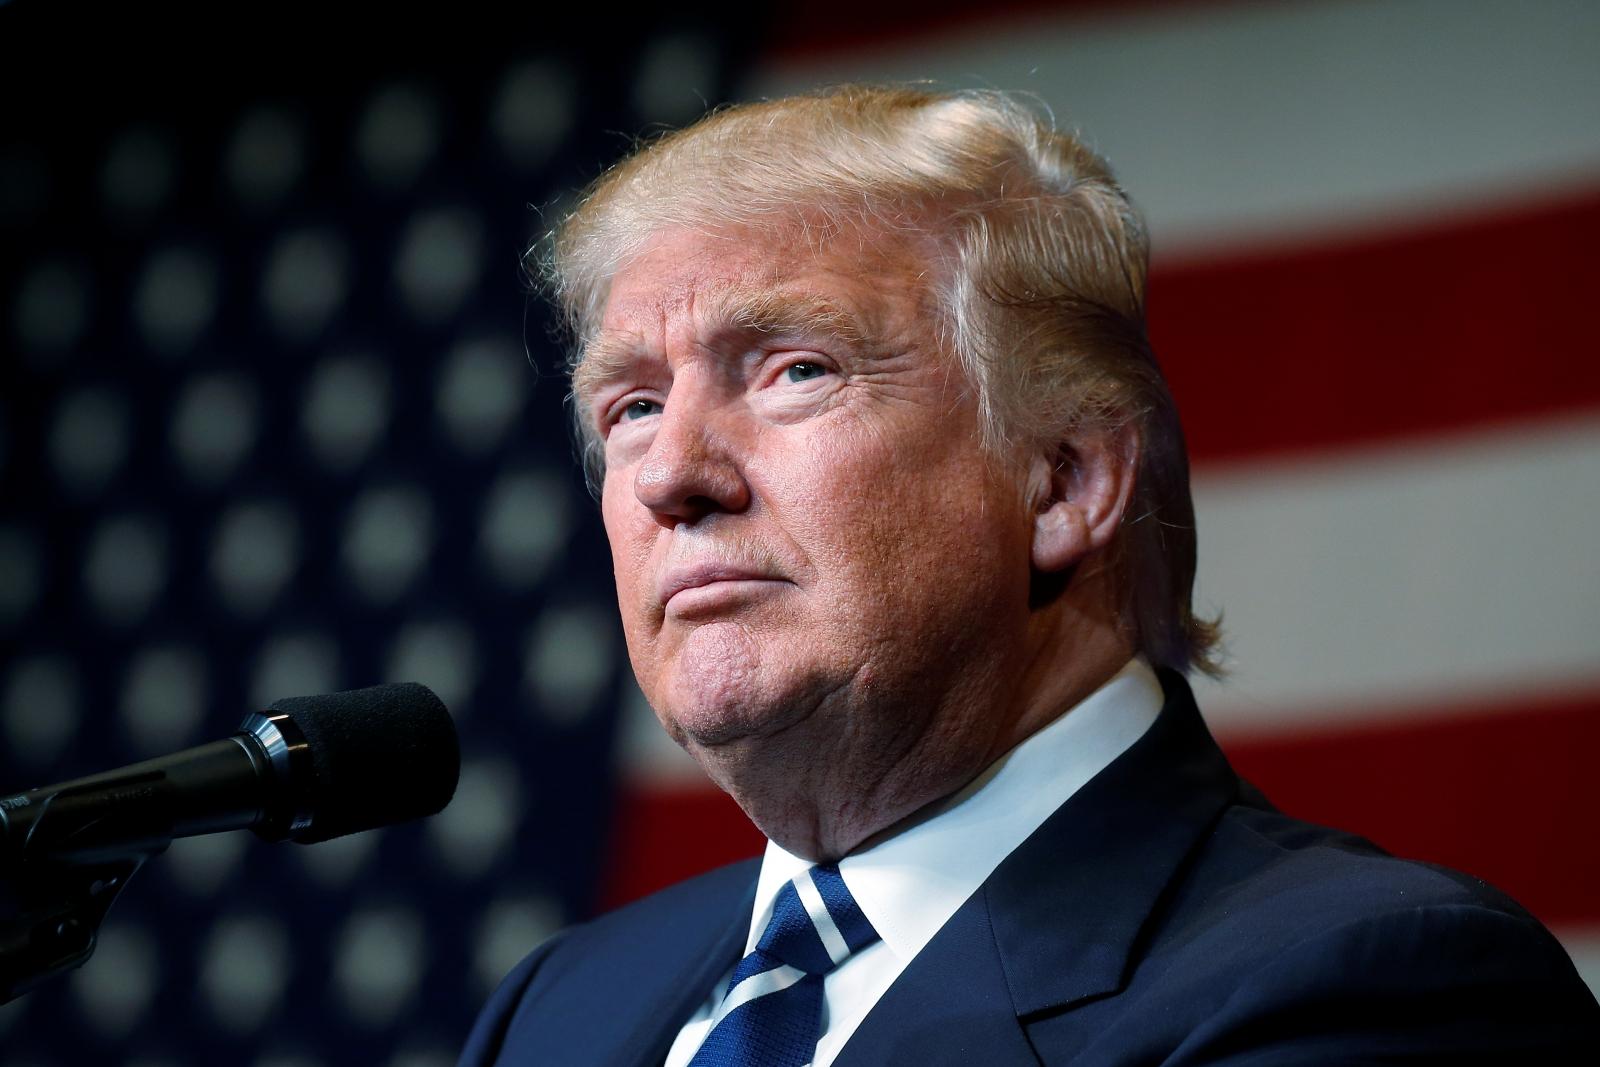 México Aplaude La Decisión De Trump De Poner Fin A La Separación De Familias De Migrantes En La Frontera.